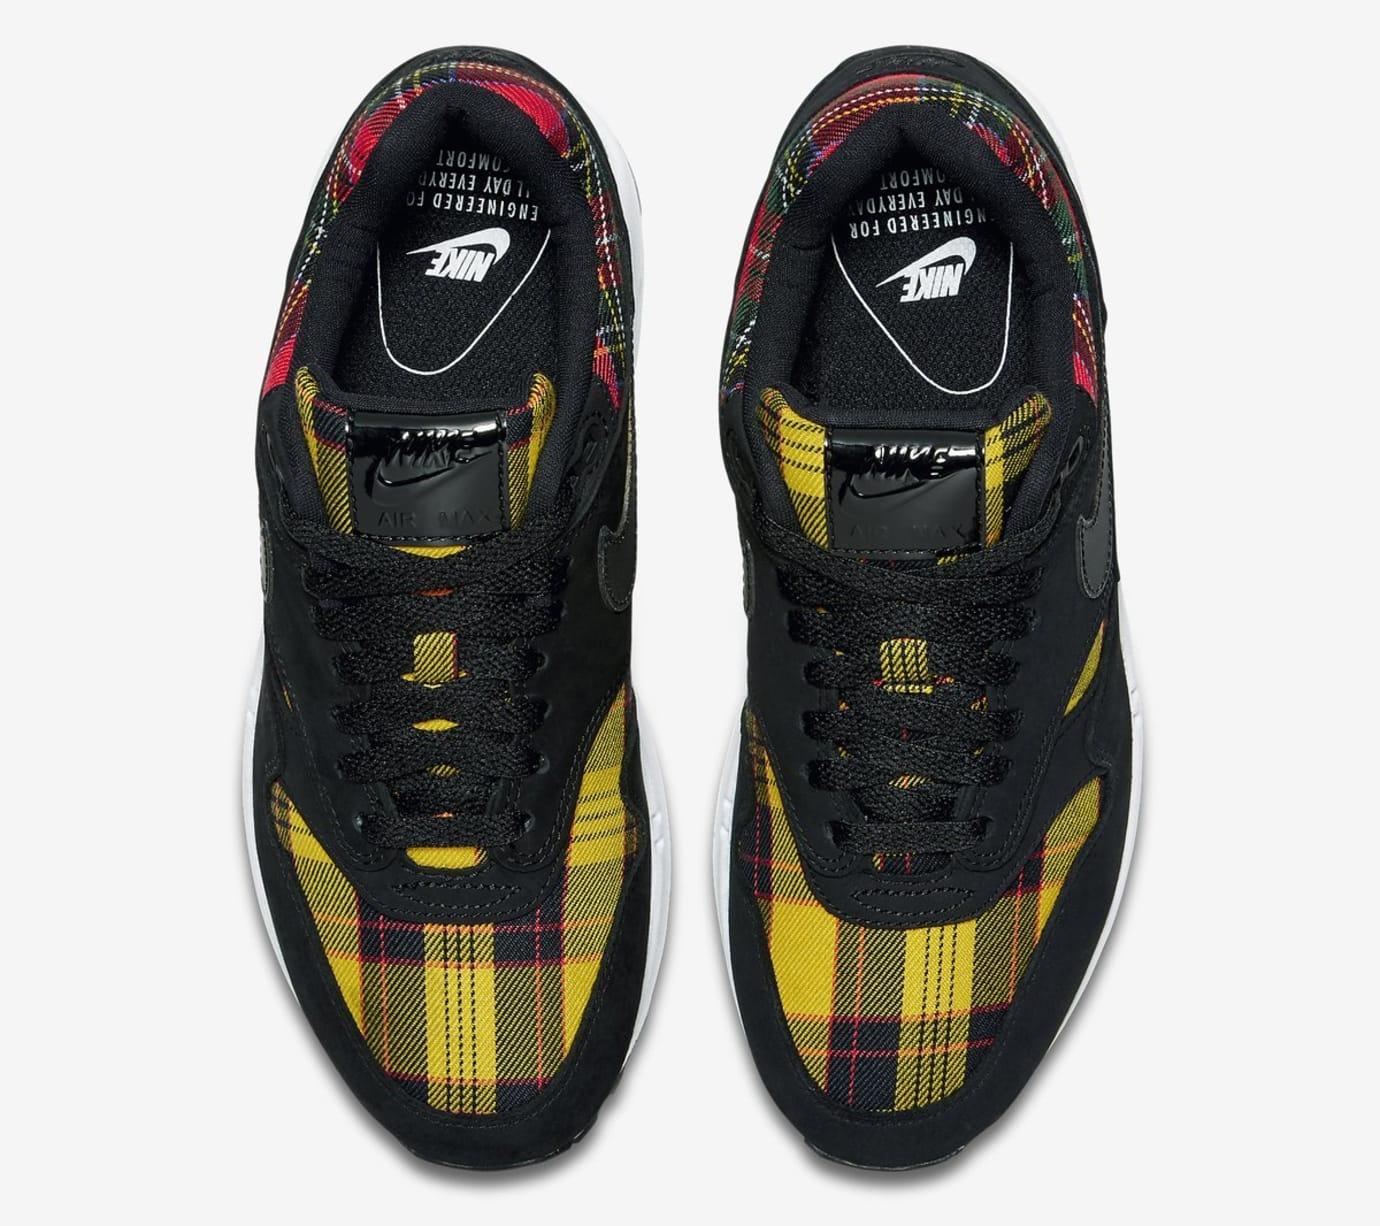 Nike Air Max 1 WMNS 'Tartan Pack' (Top)